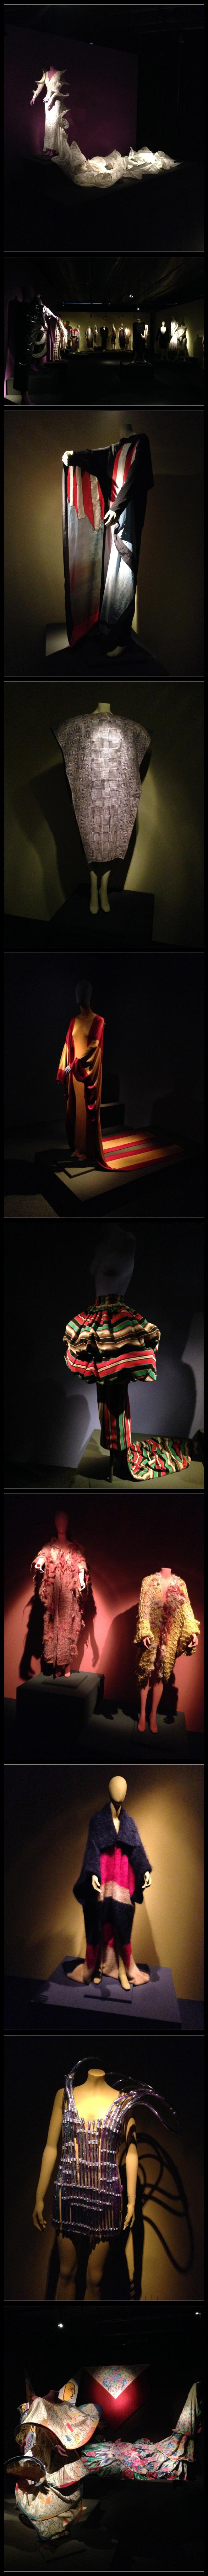 Inauguración de la exposición en el museo del traje